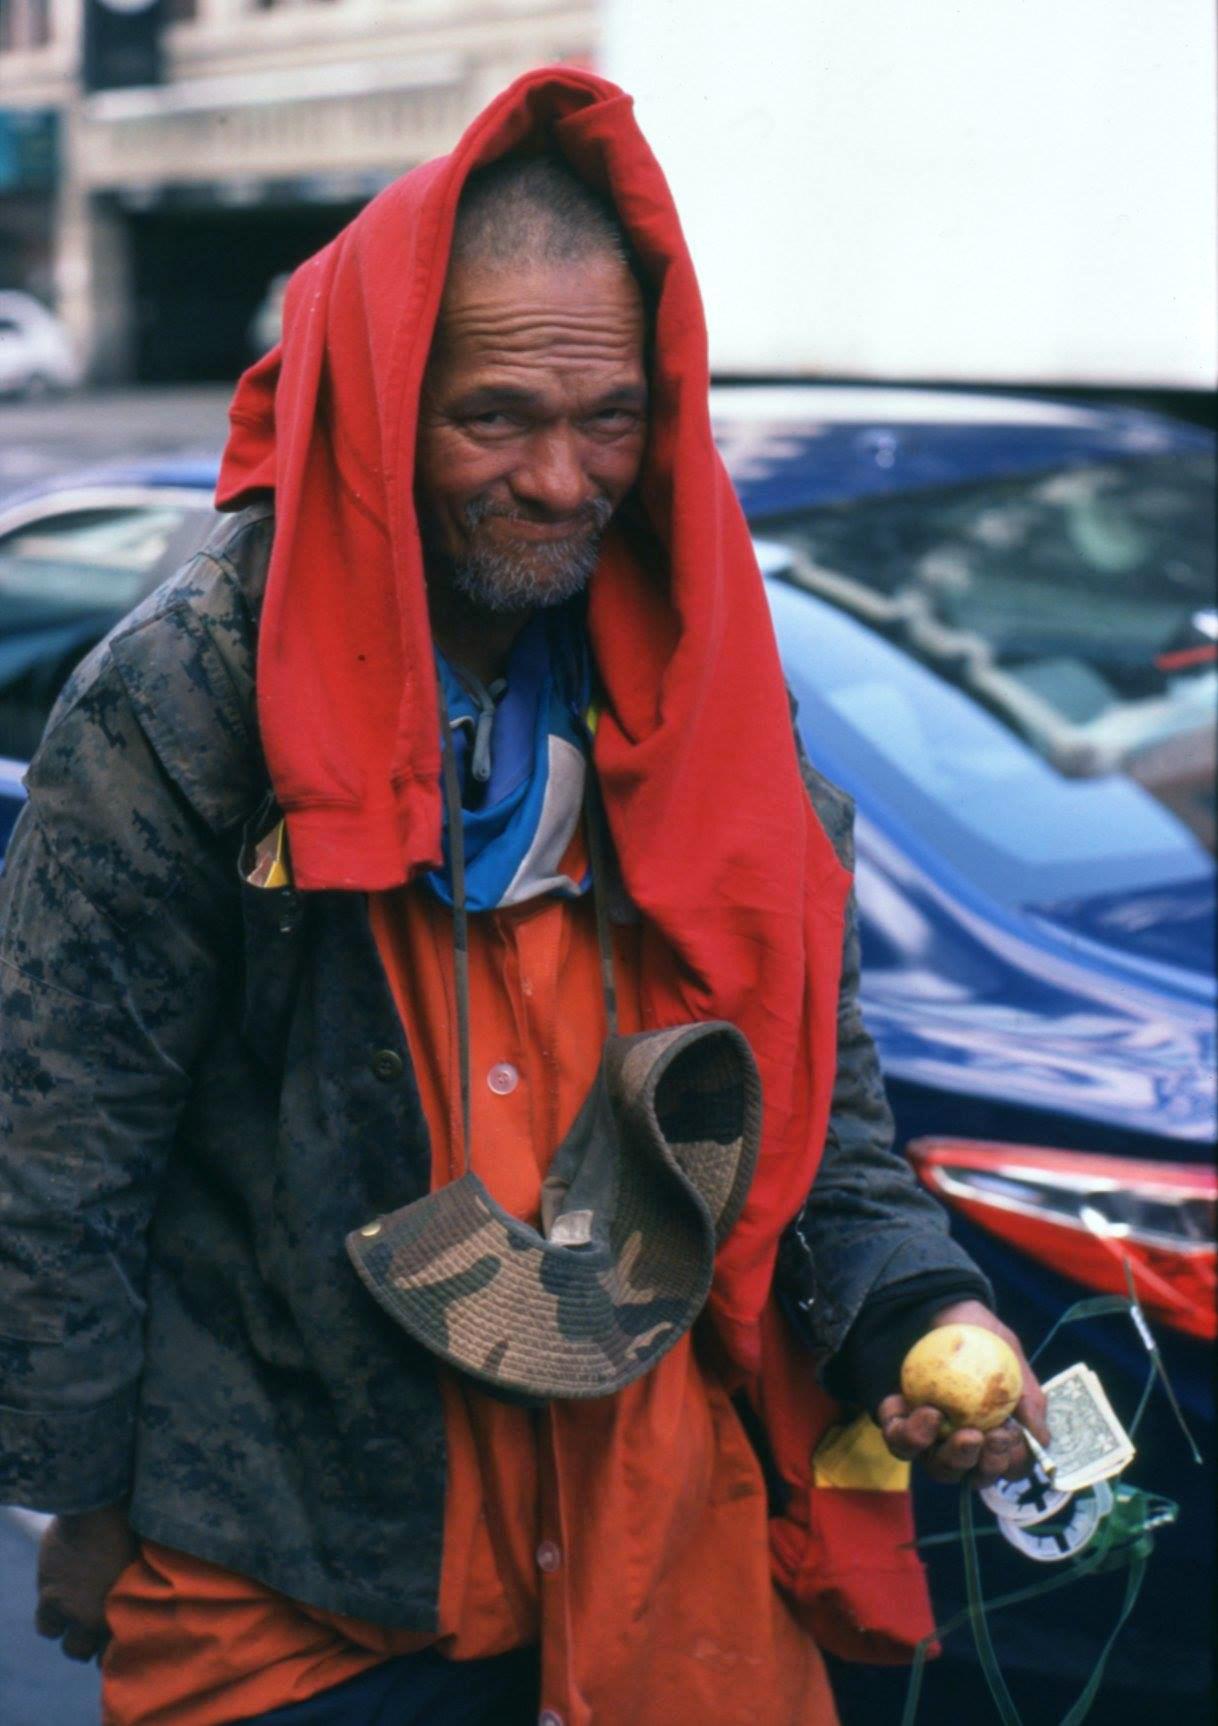 05. 샌프란시스코에서 만난 노숙인 - 차림이 다르...